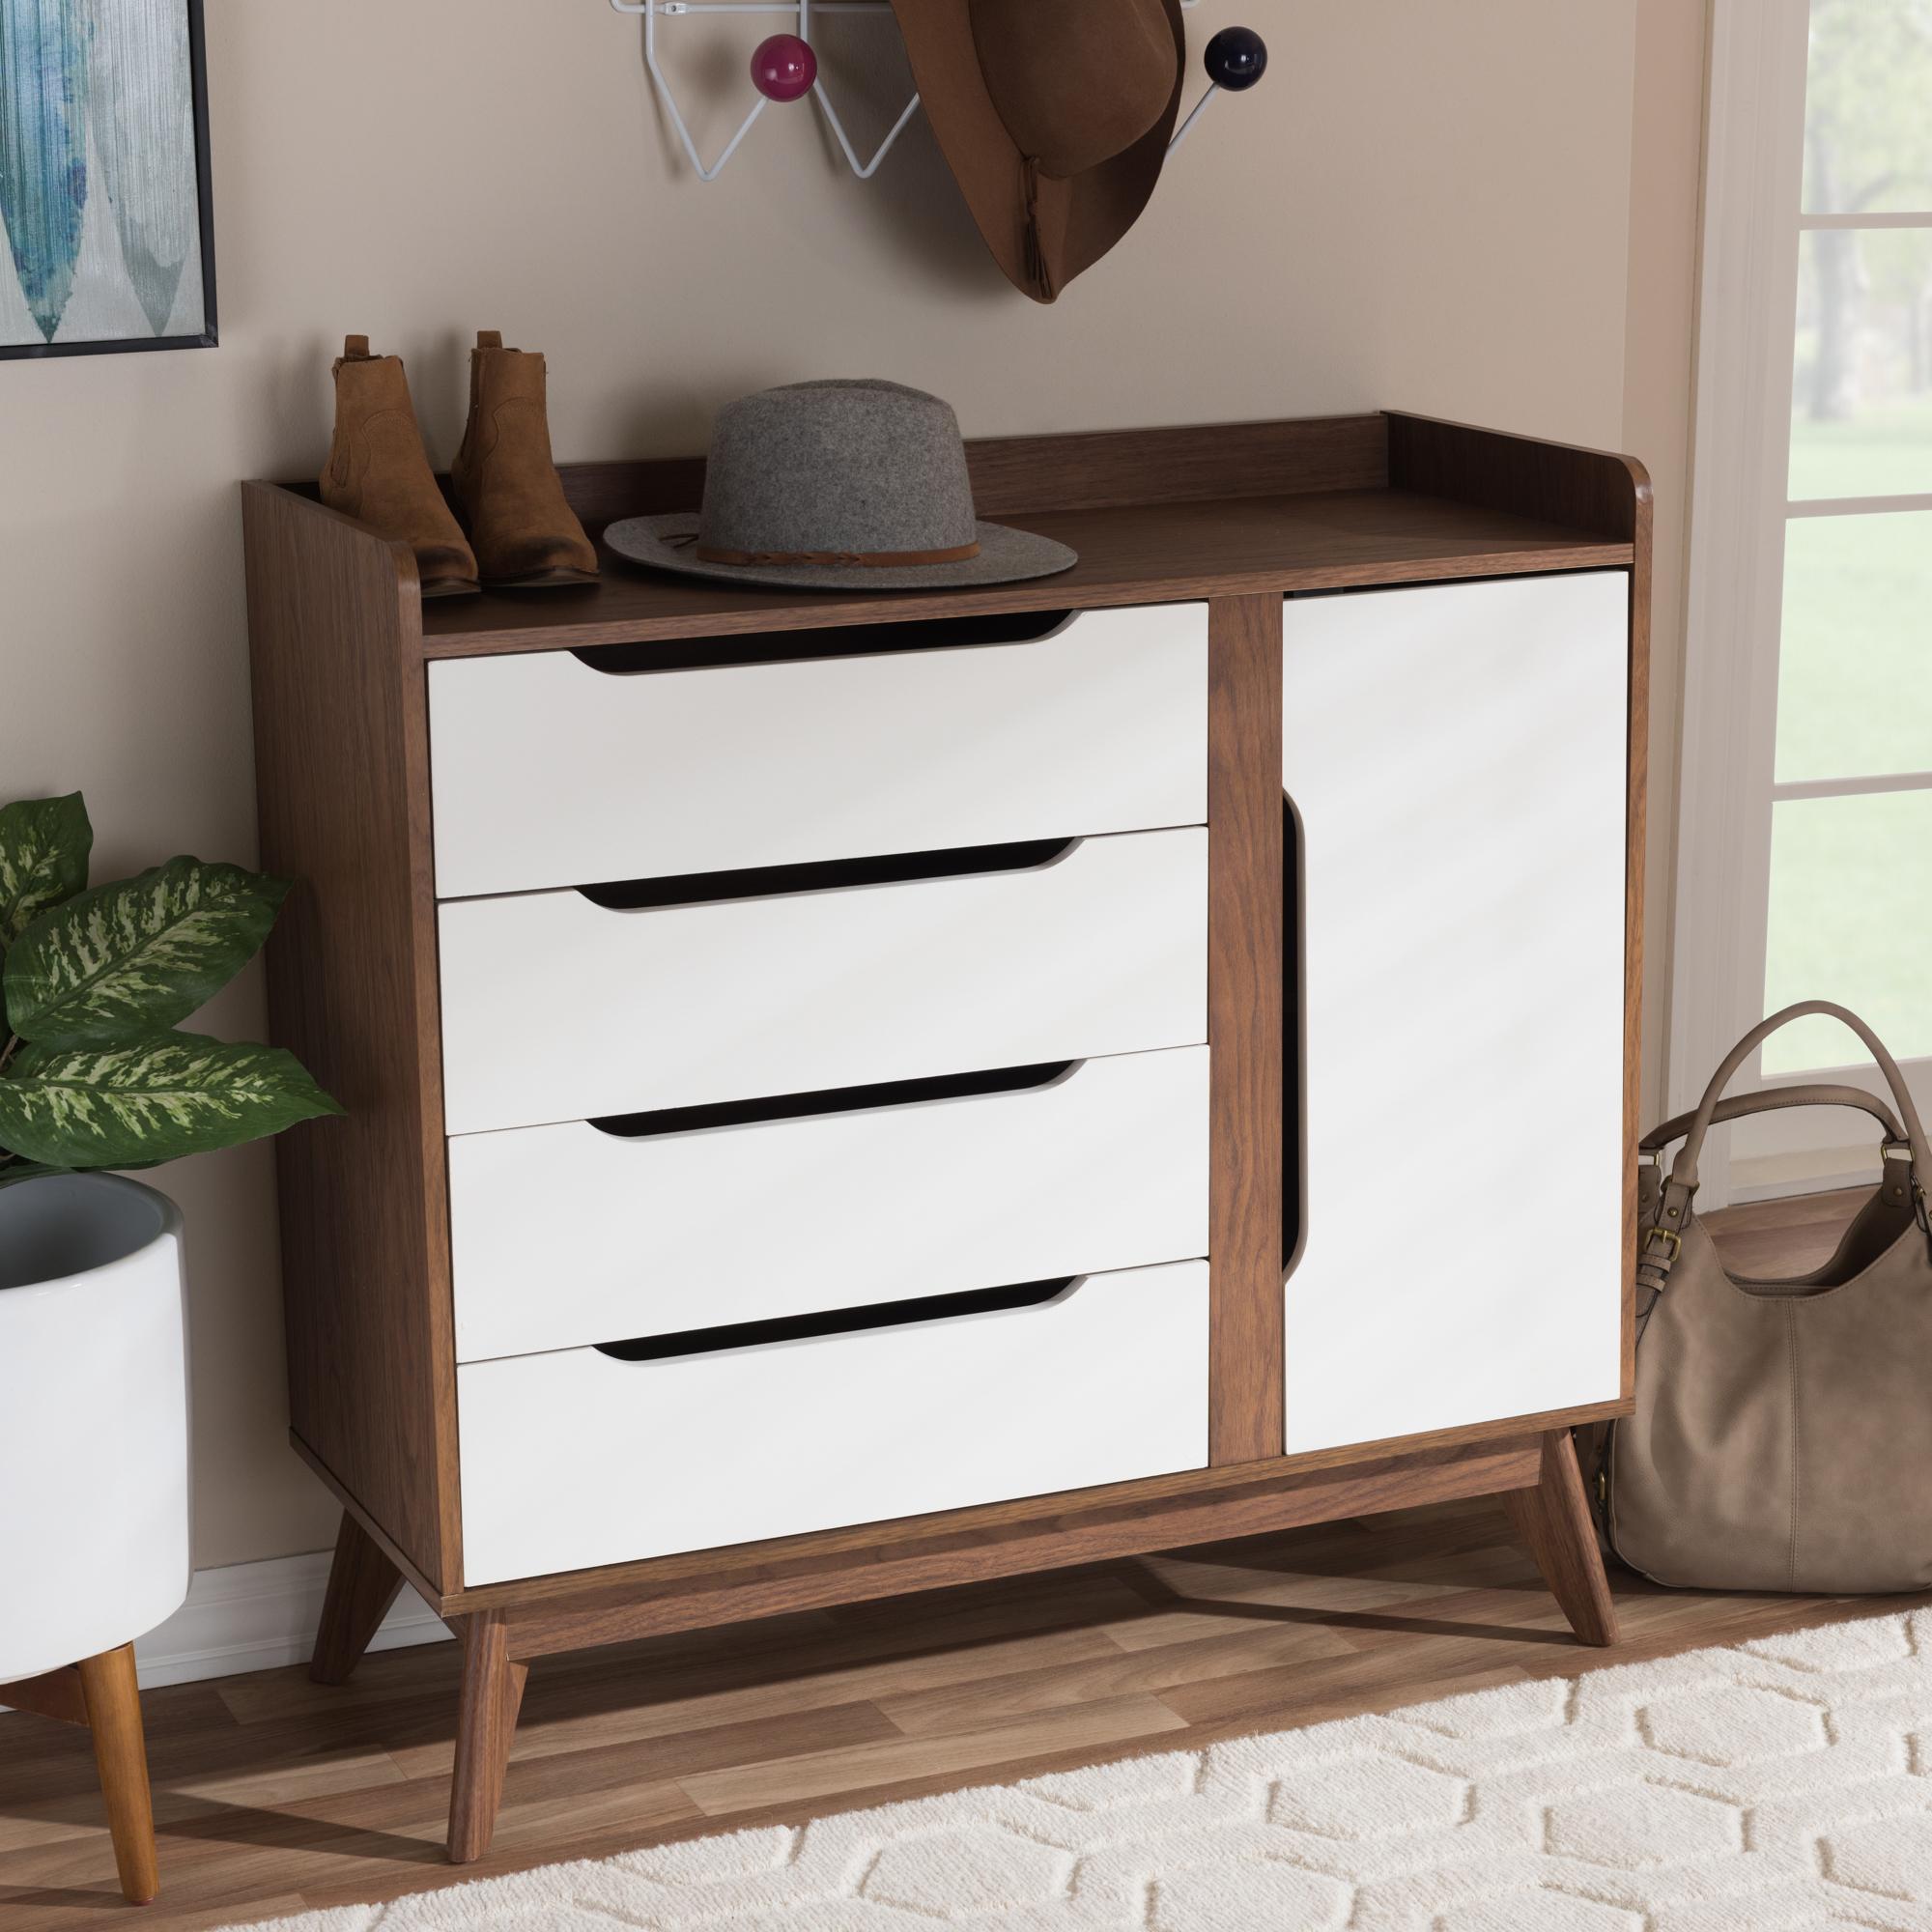 ... Baxton Studio Brighton Mid Century Modern White And Walnut Wood Storage  Shoe Cabinet   IEBrighton ...